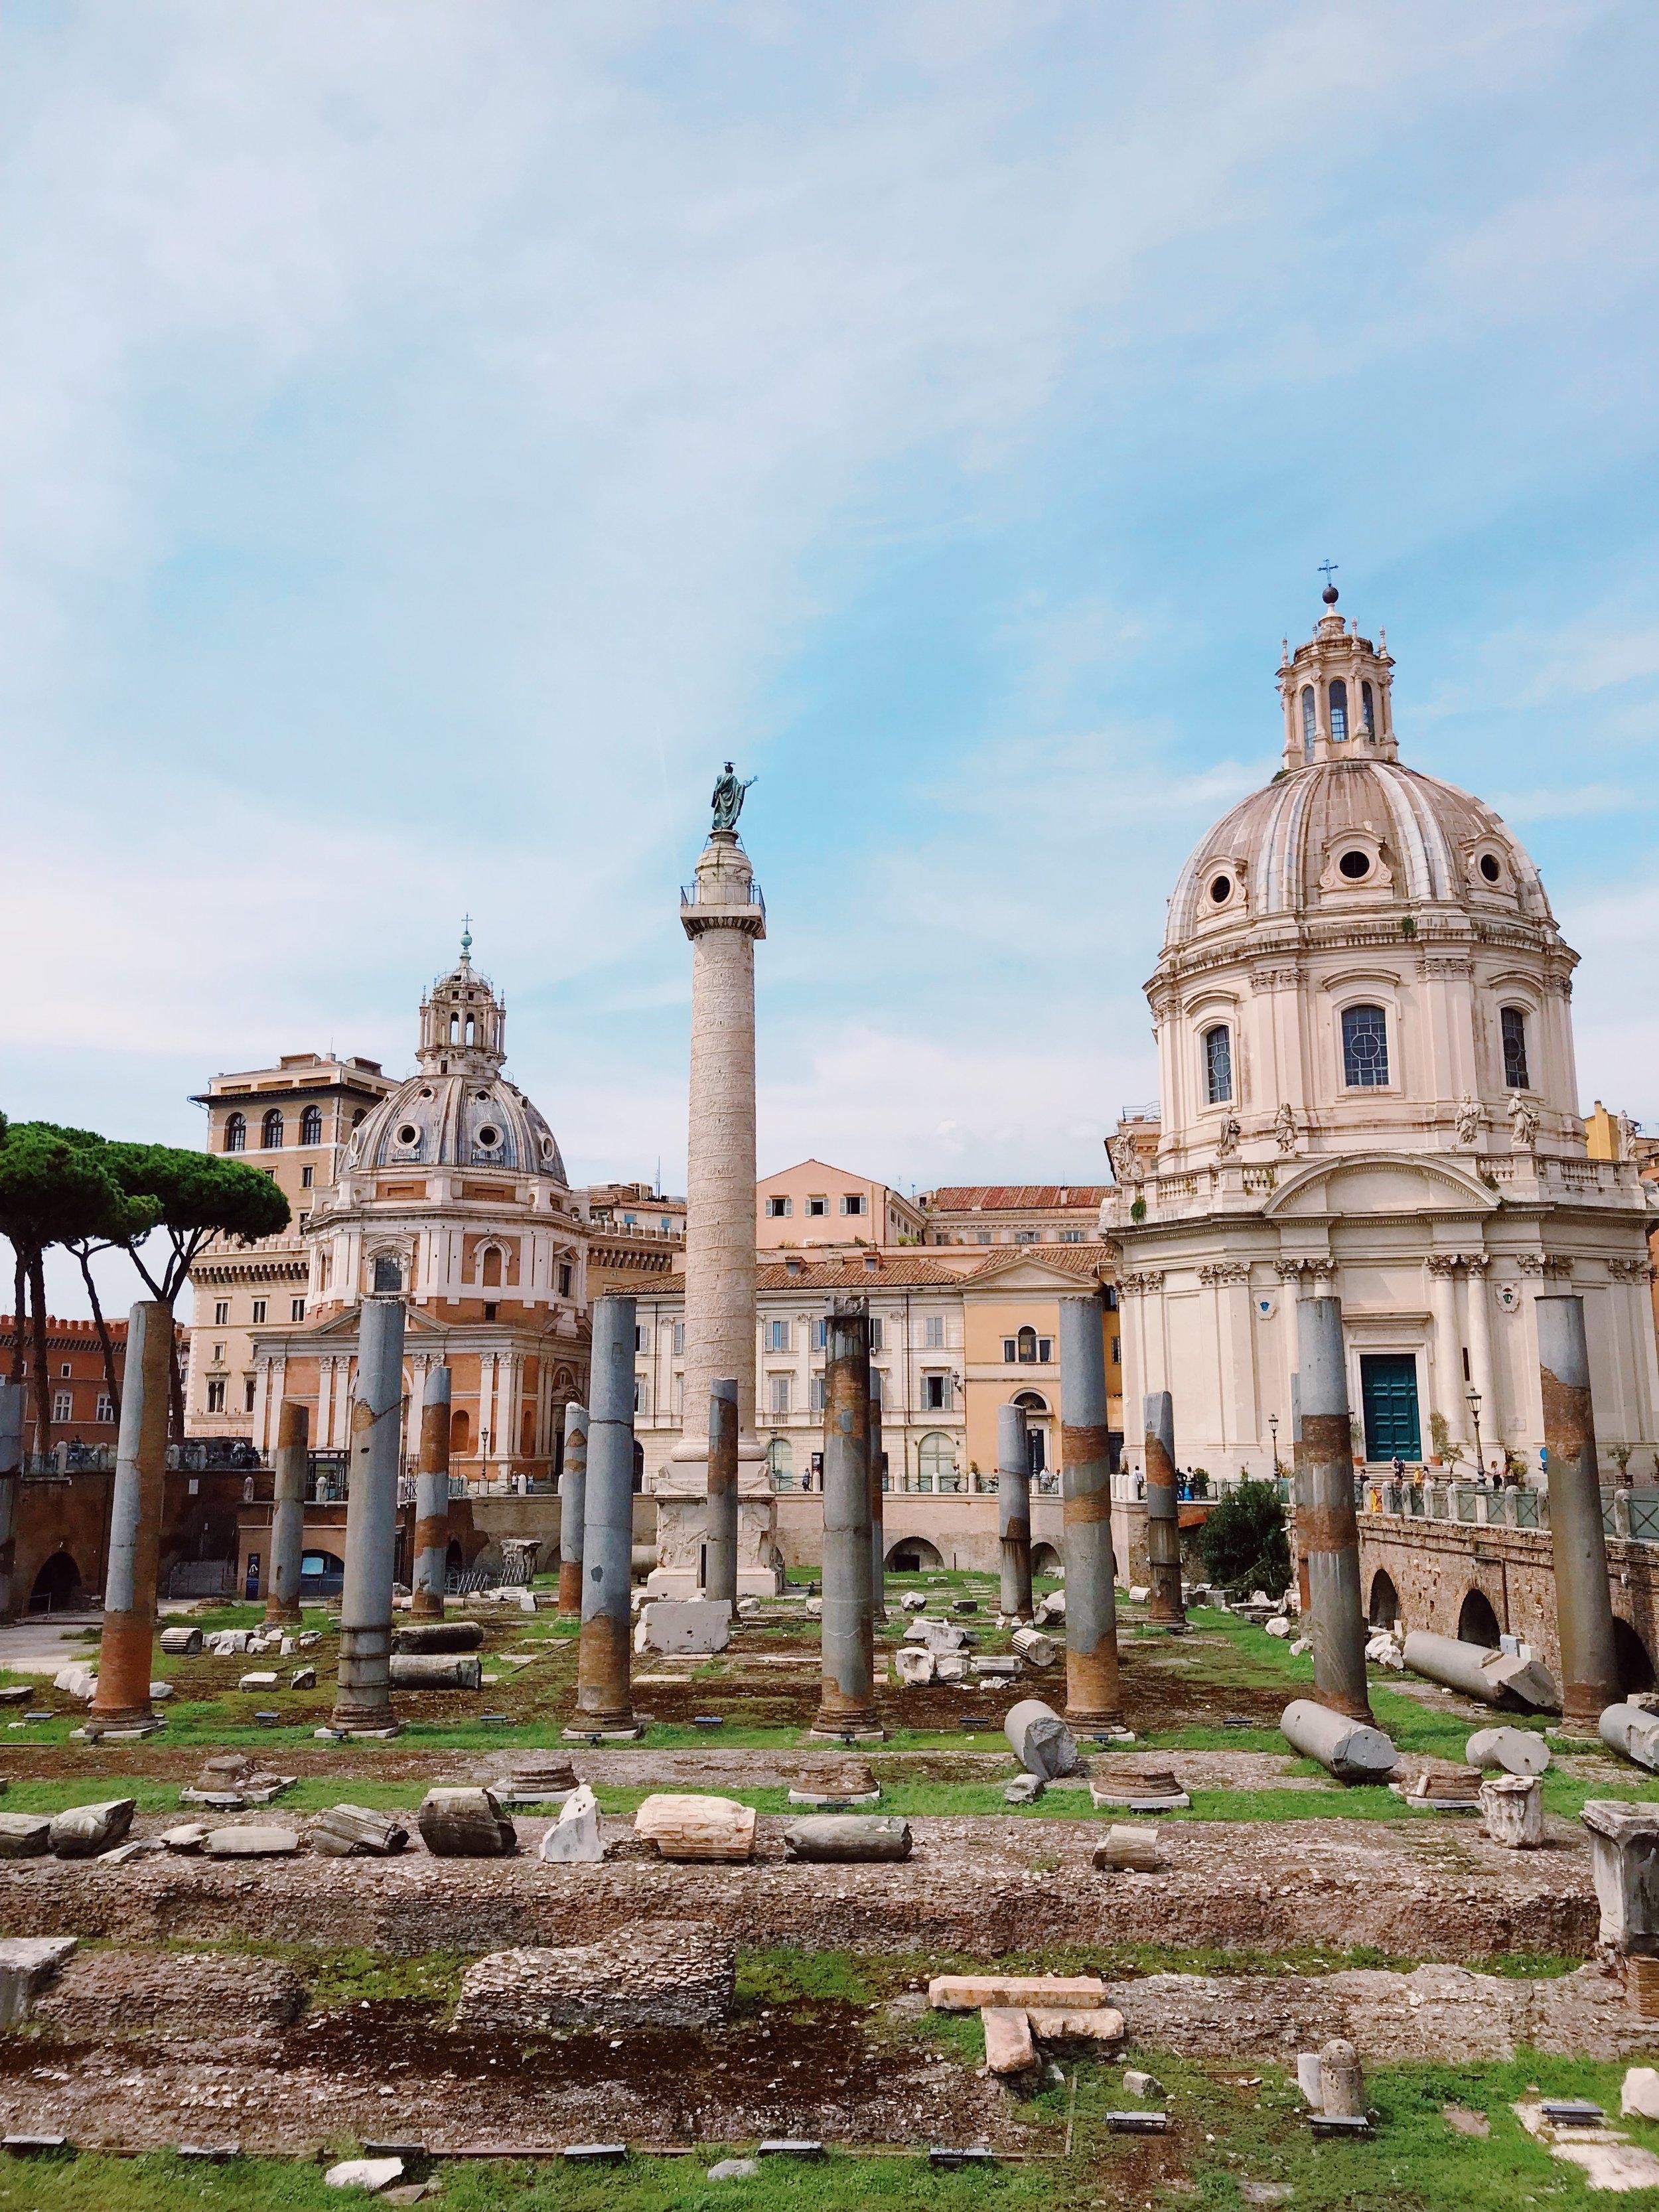 Rome, Italy - 8 / 23 / 18